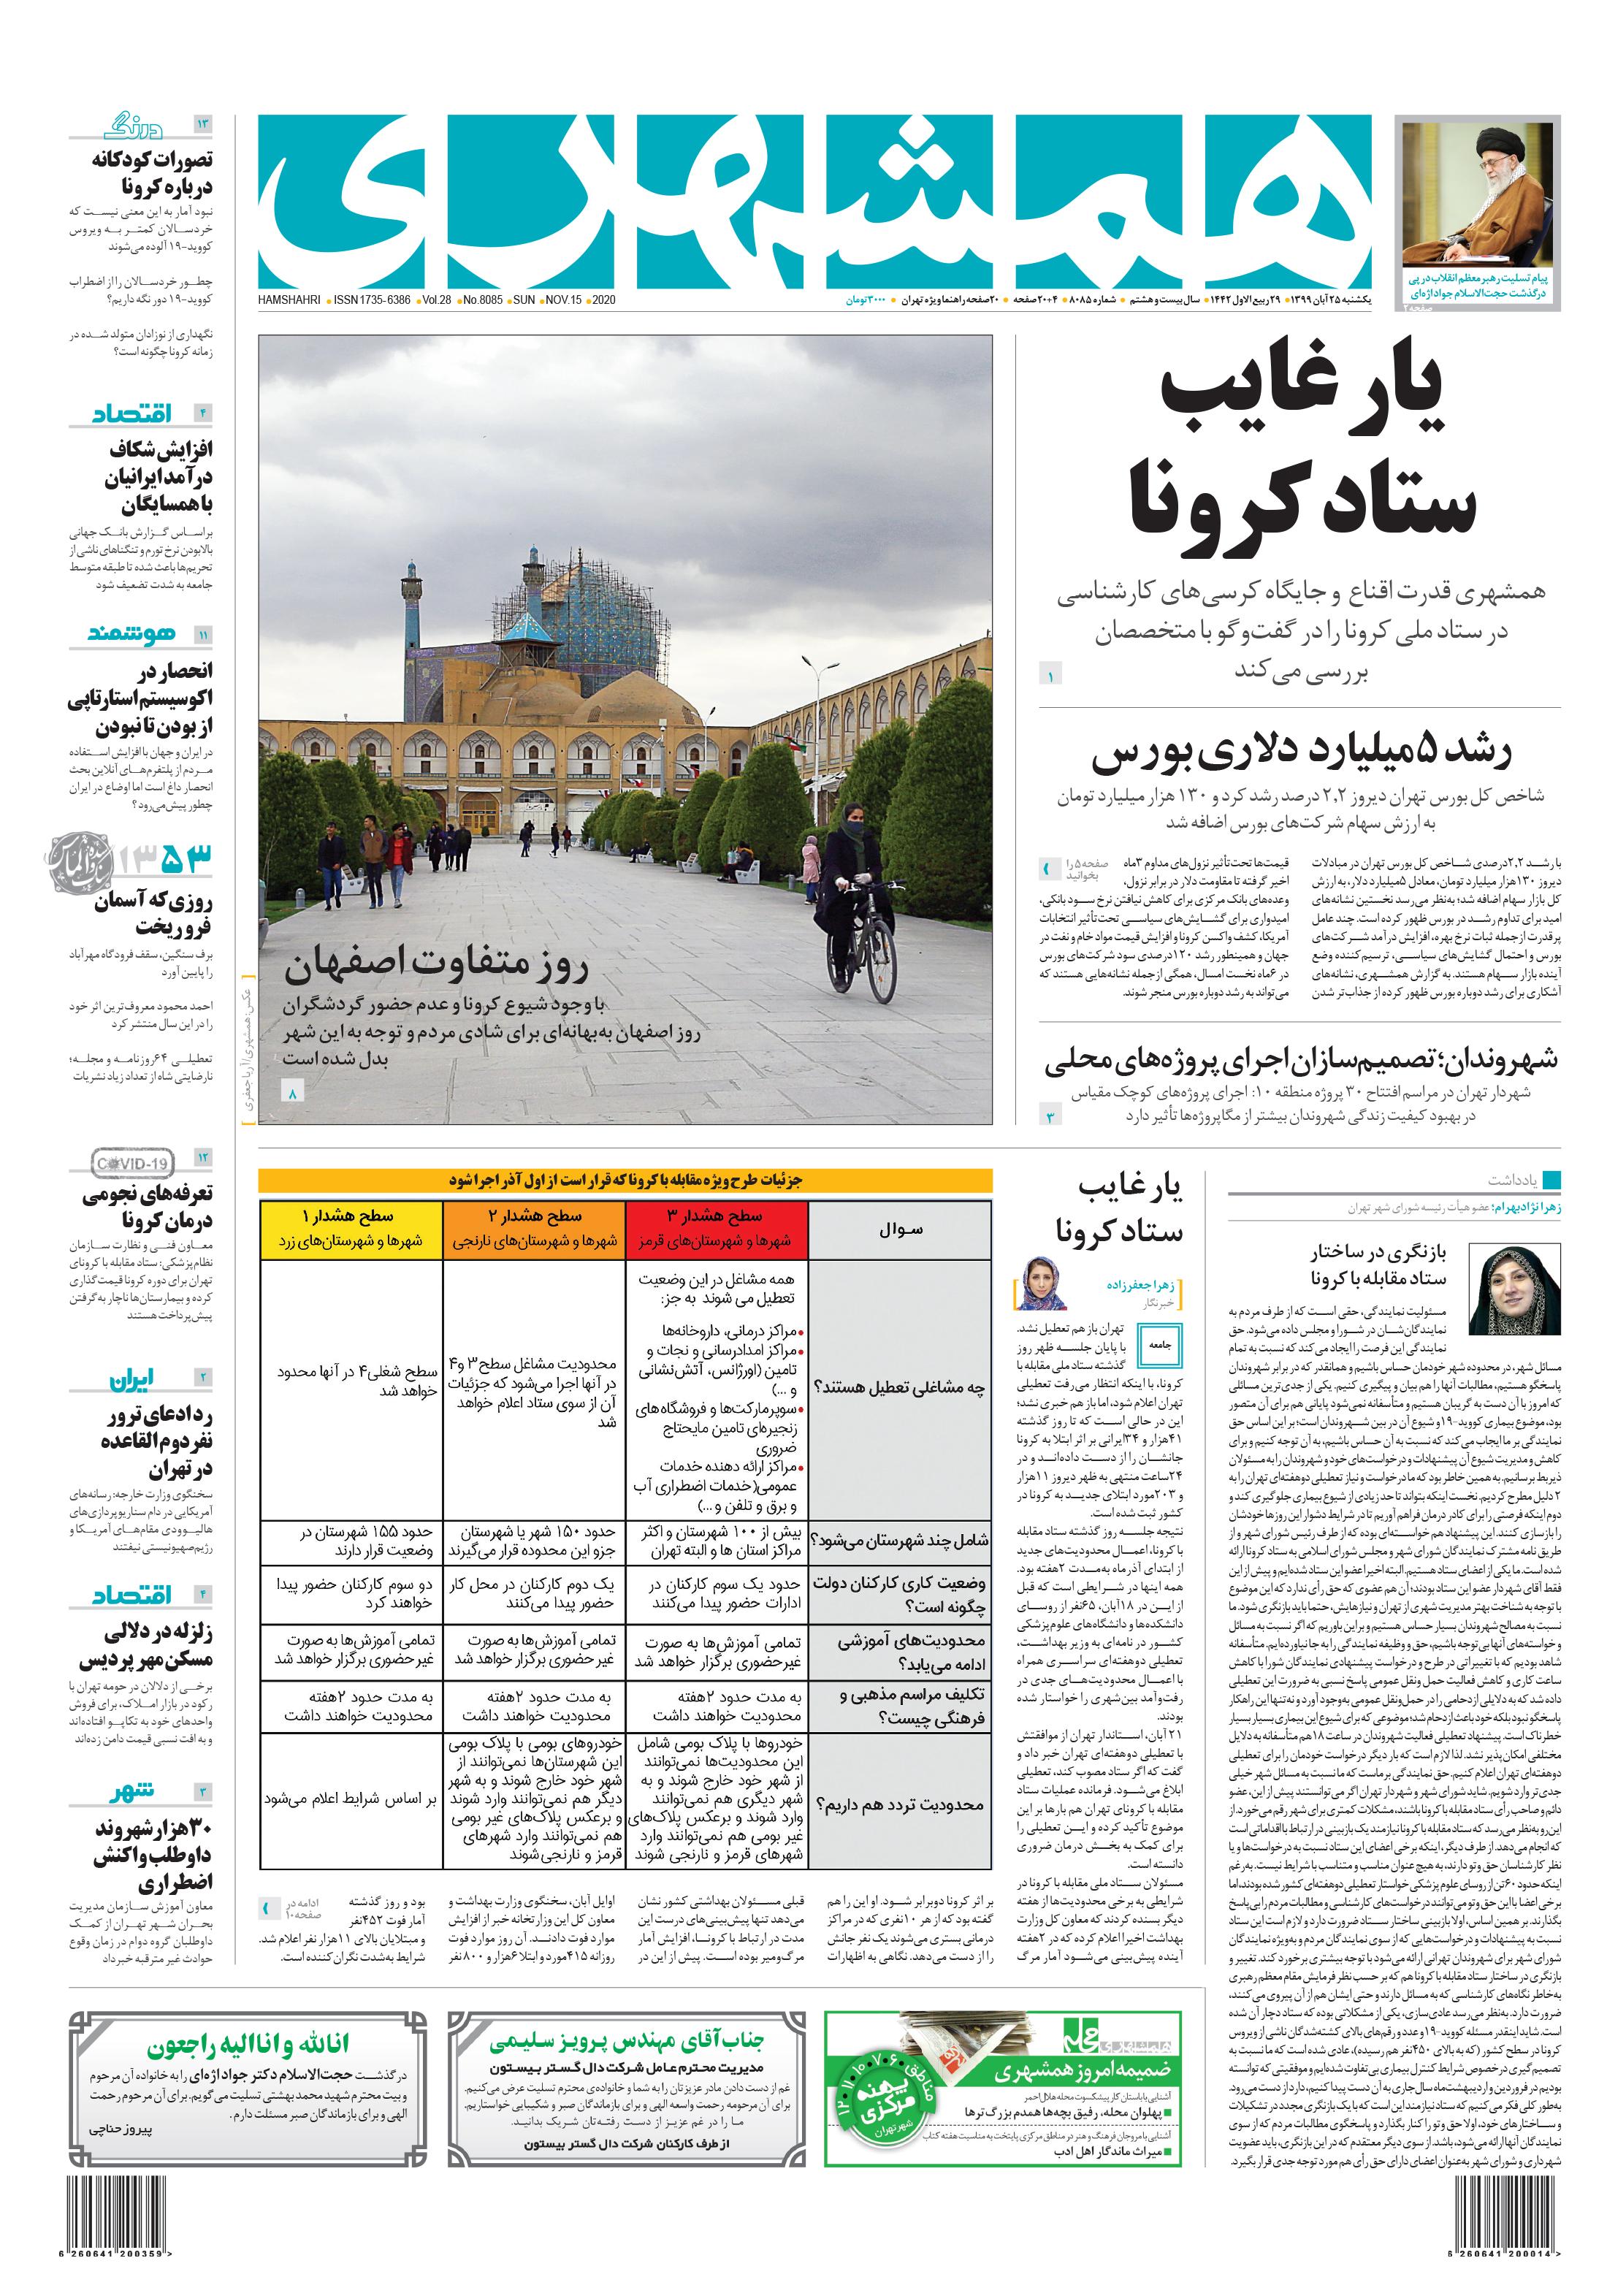 صفحه اول یکشنبه 25 آبان 1399